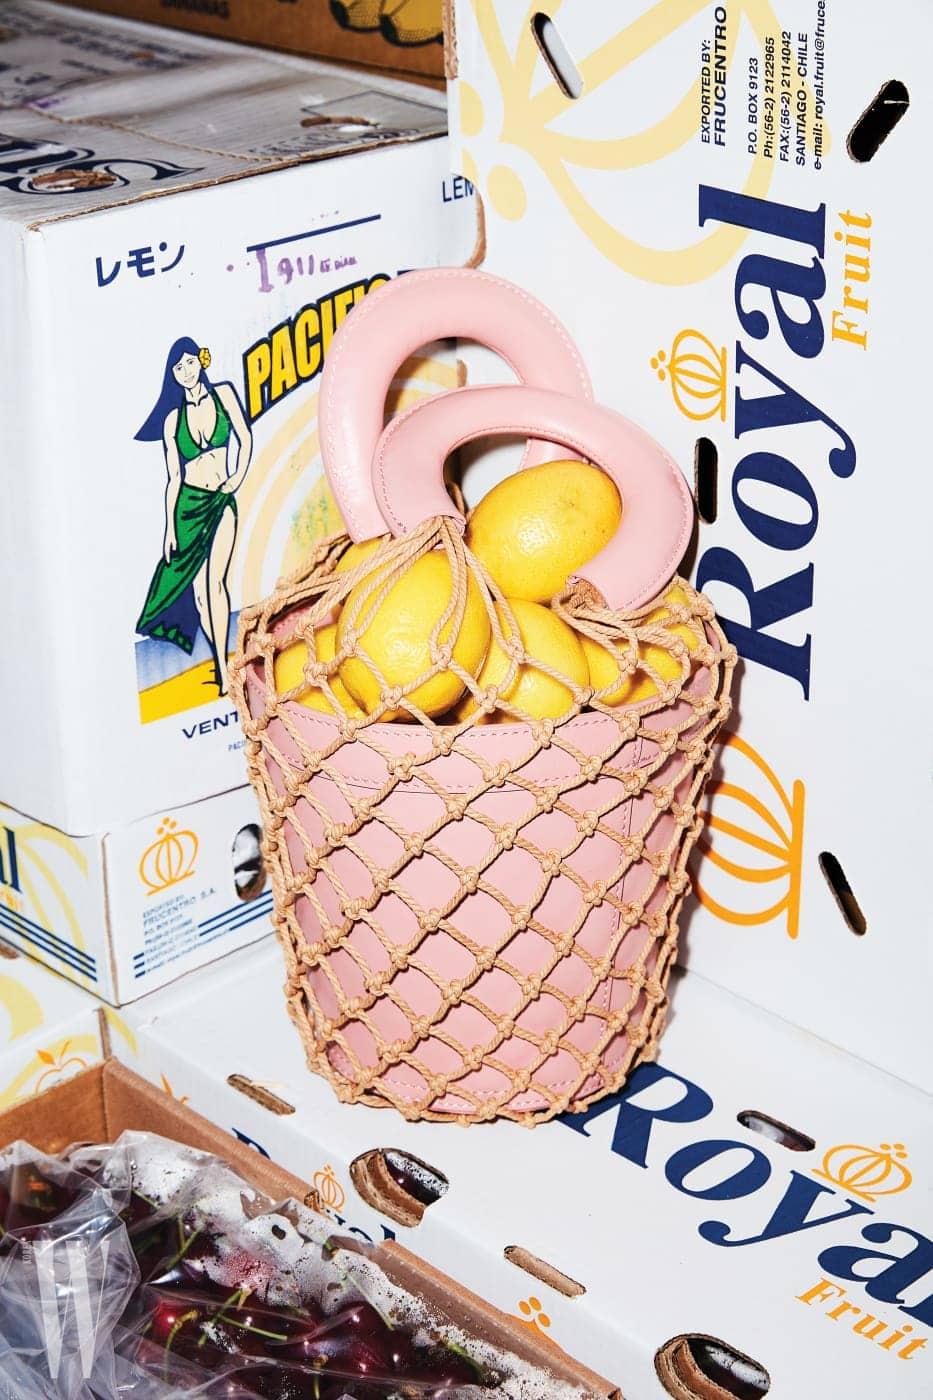 레몬이 담긴 연핑크색 바구니 백은 스타우드 by 네타포르테 제품. 87만원대.